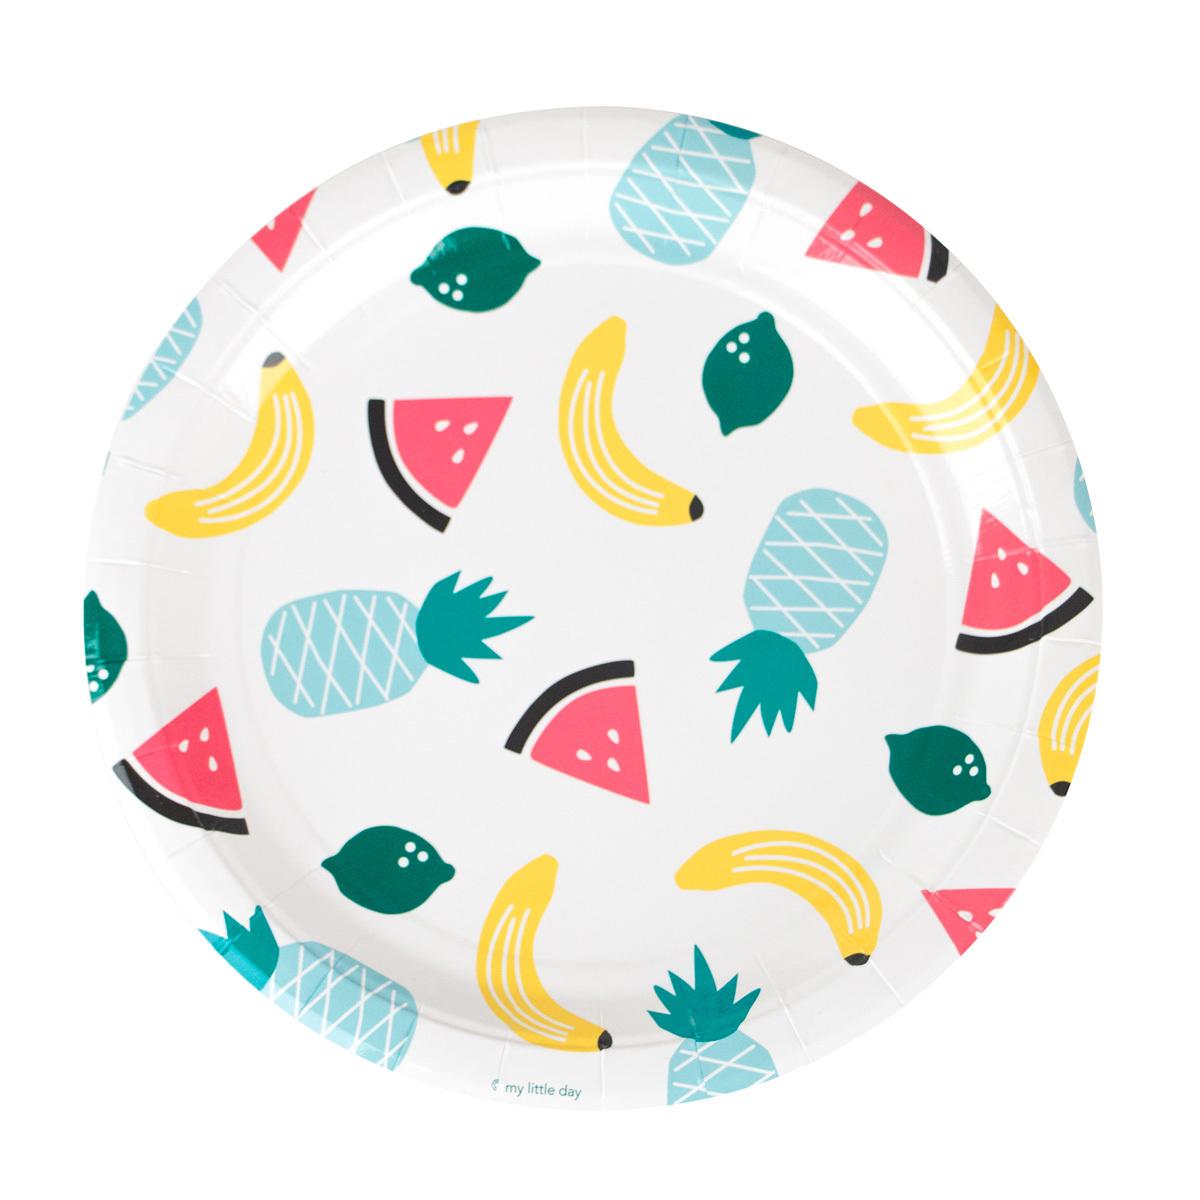 Anniversaire & Fête Assiettes - Fruits Exotiques (x8) Assiettes - Fruits Exotiques (x8)